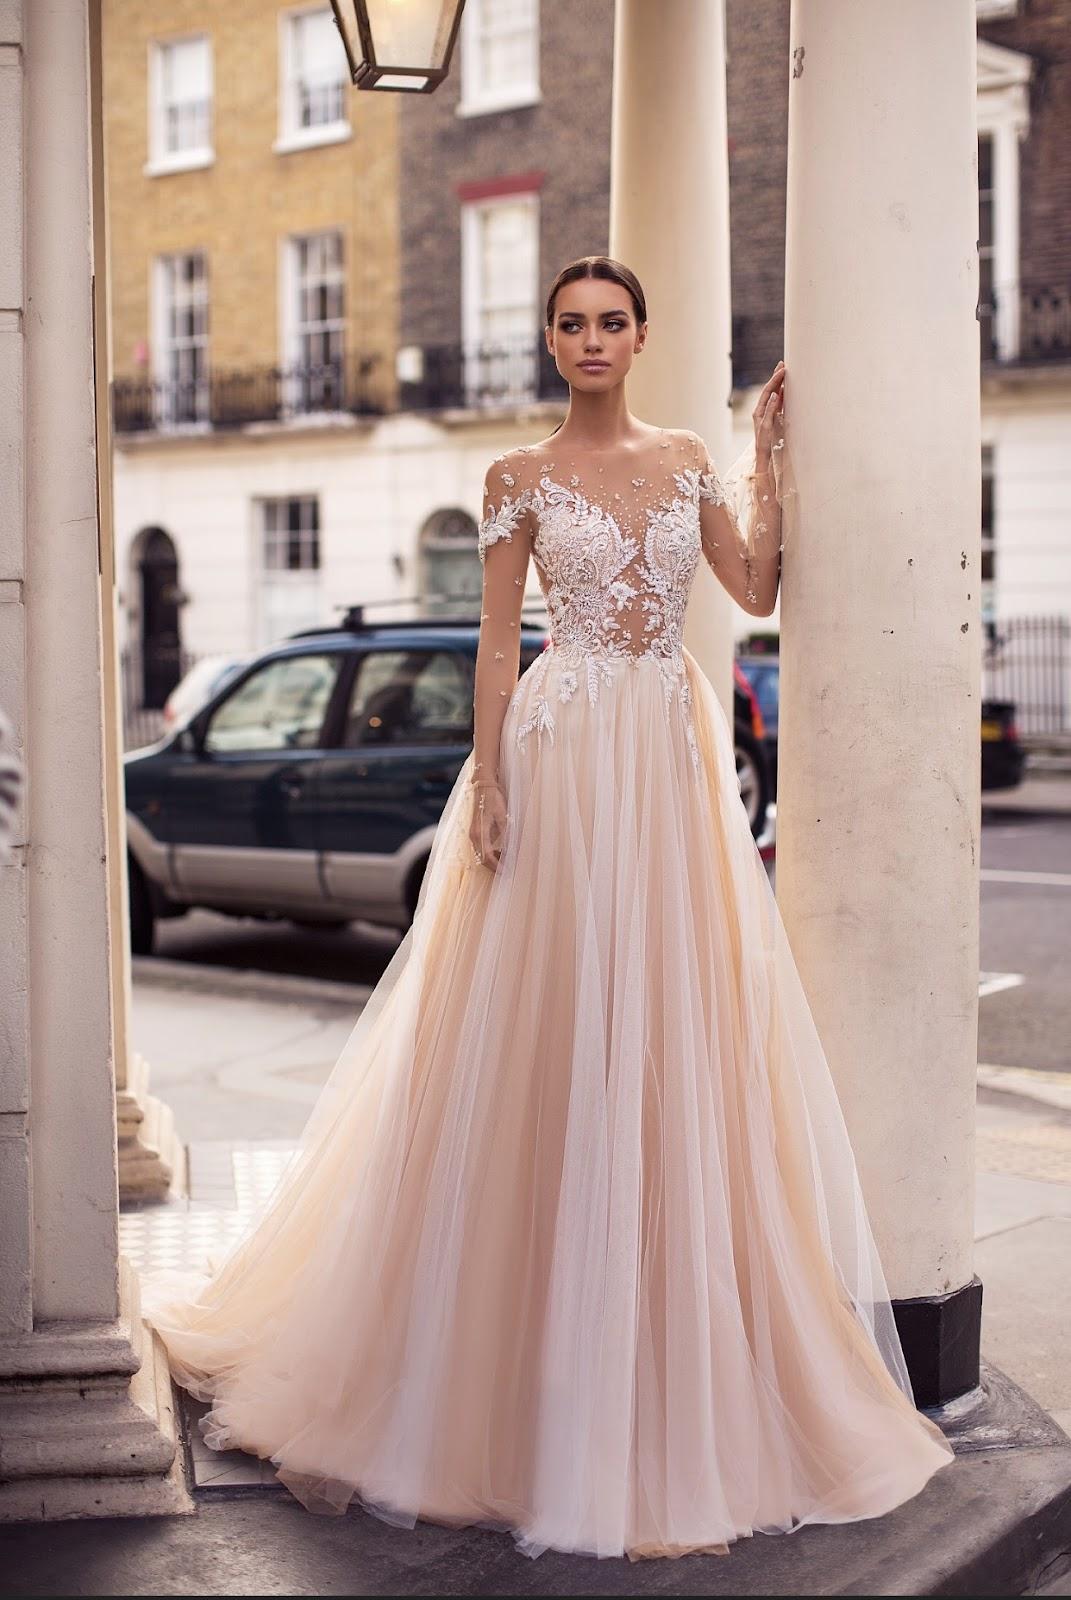 Top 10 Trends In Wedding Dresses Millanova